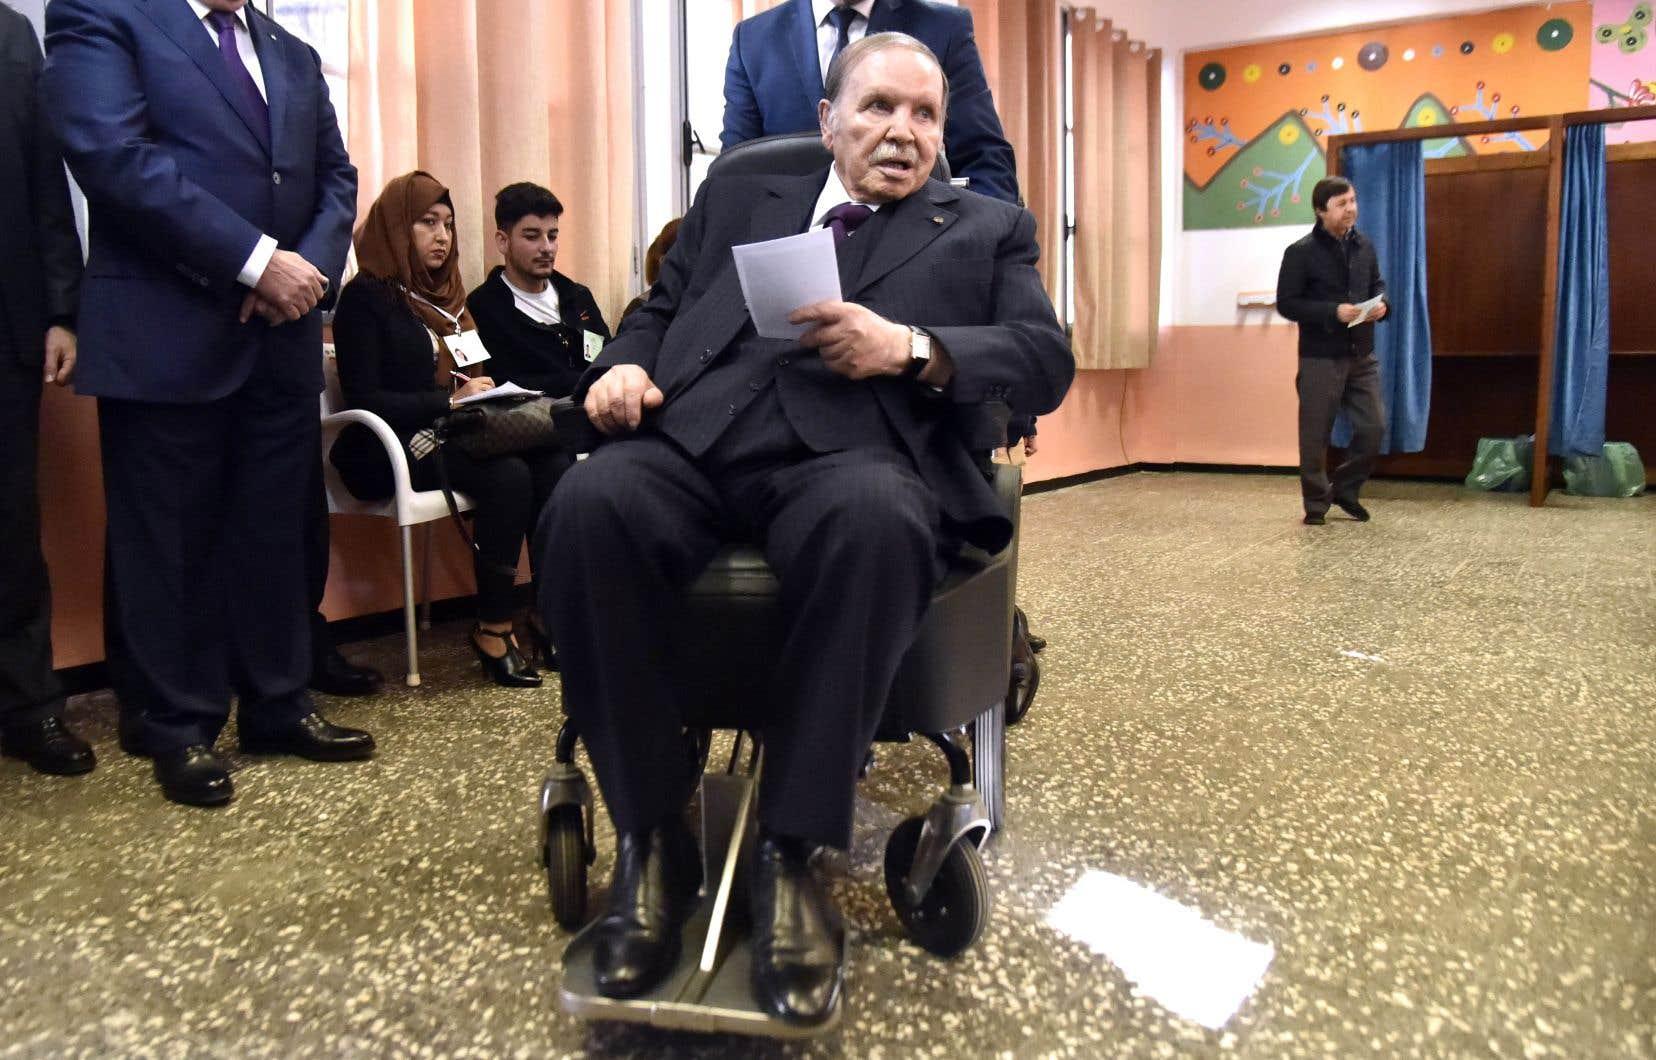 Cloué dans un fauteuil roulant par un accident vasculaire cérébral (AVC) depuis 2013, le président Bouteflika n'apparaît plus que rarement en public (la dernière fois le 1ernovembre 2018) et ne s'exprime plus publiquement.